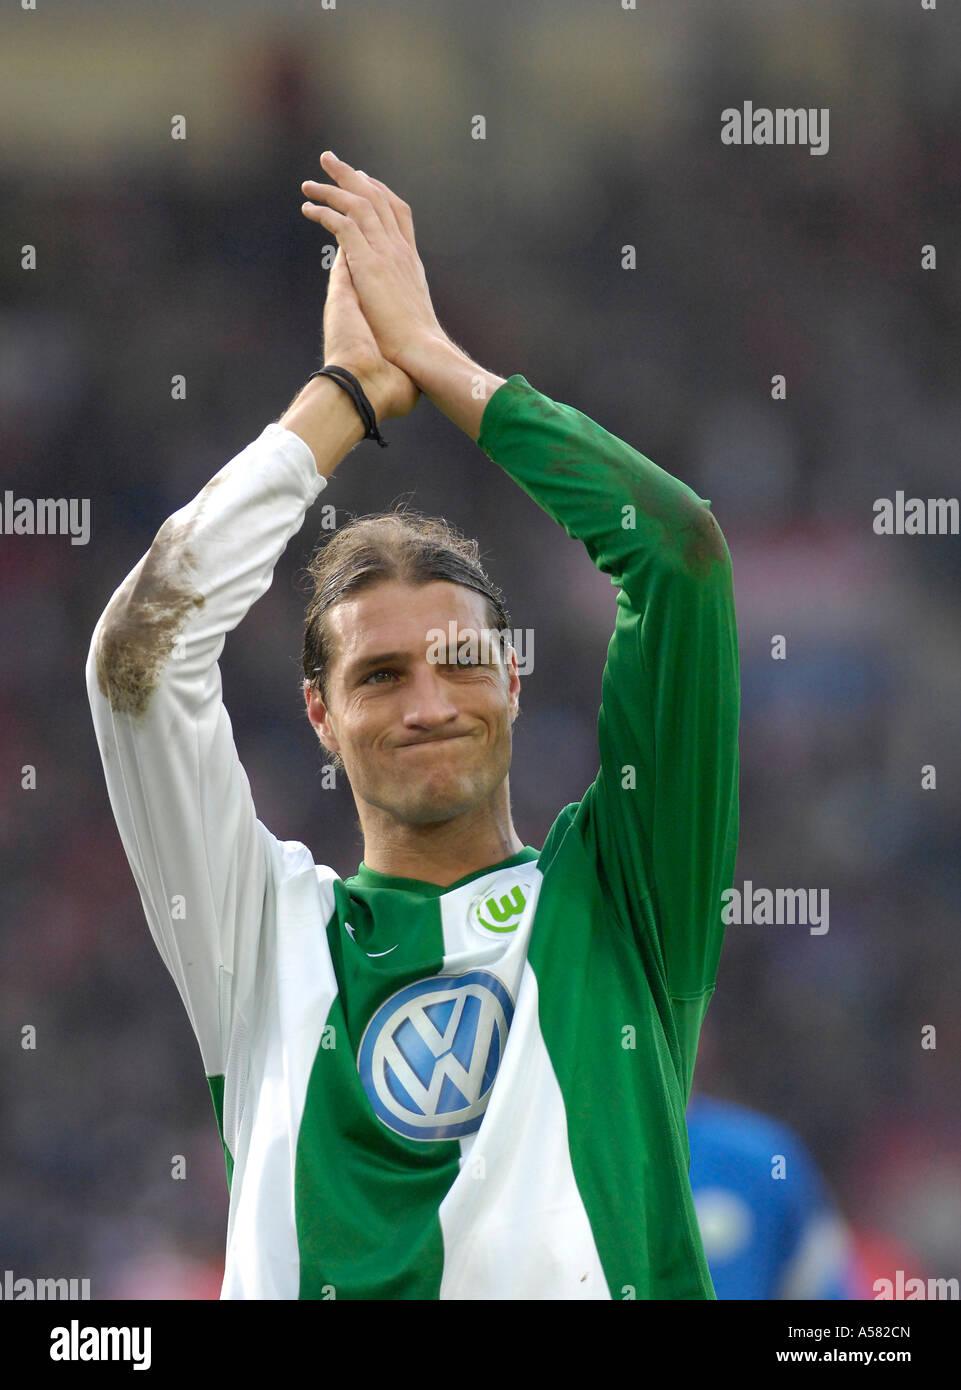 Футболист вольфсбурга диего